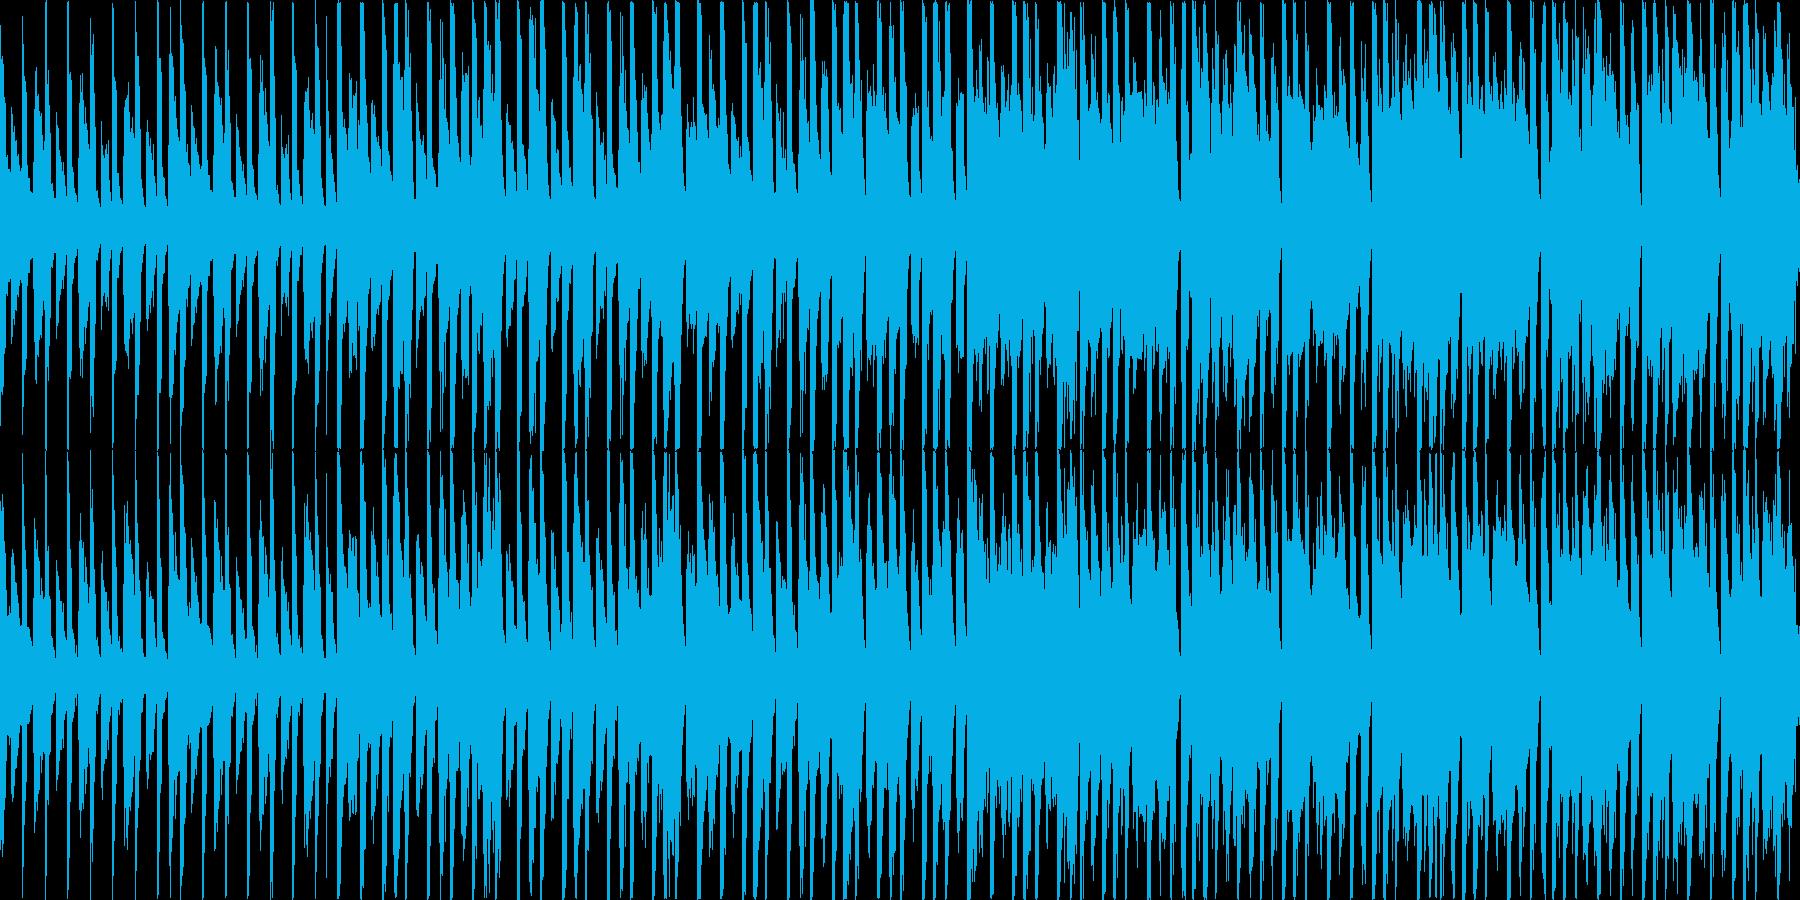 【ループ】ワクワク楽しい雰囲気の軽快なBの再生済みの波形